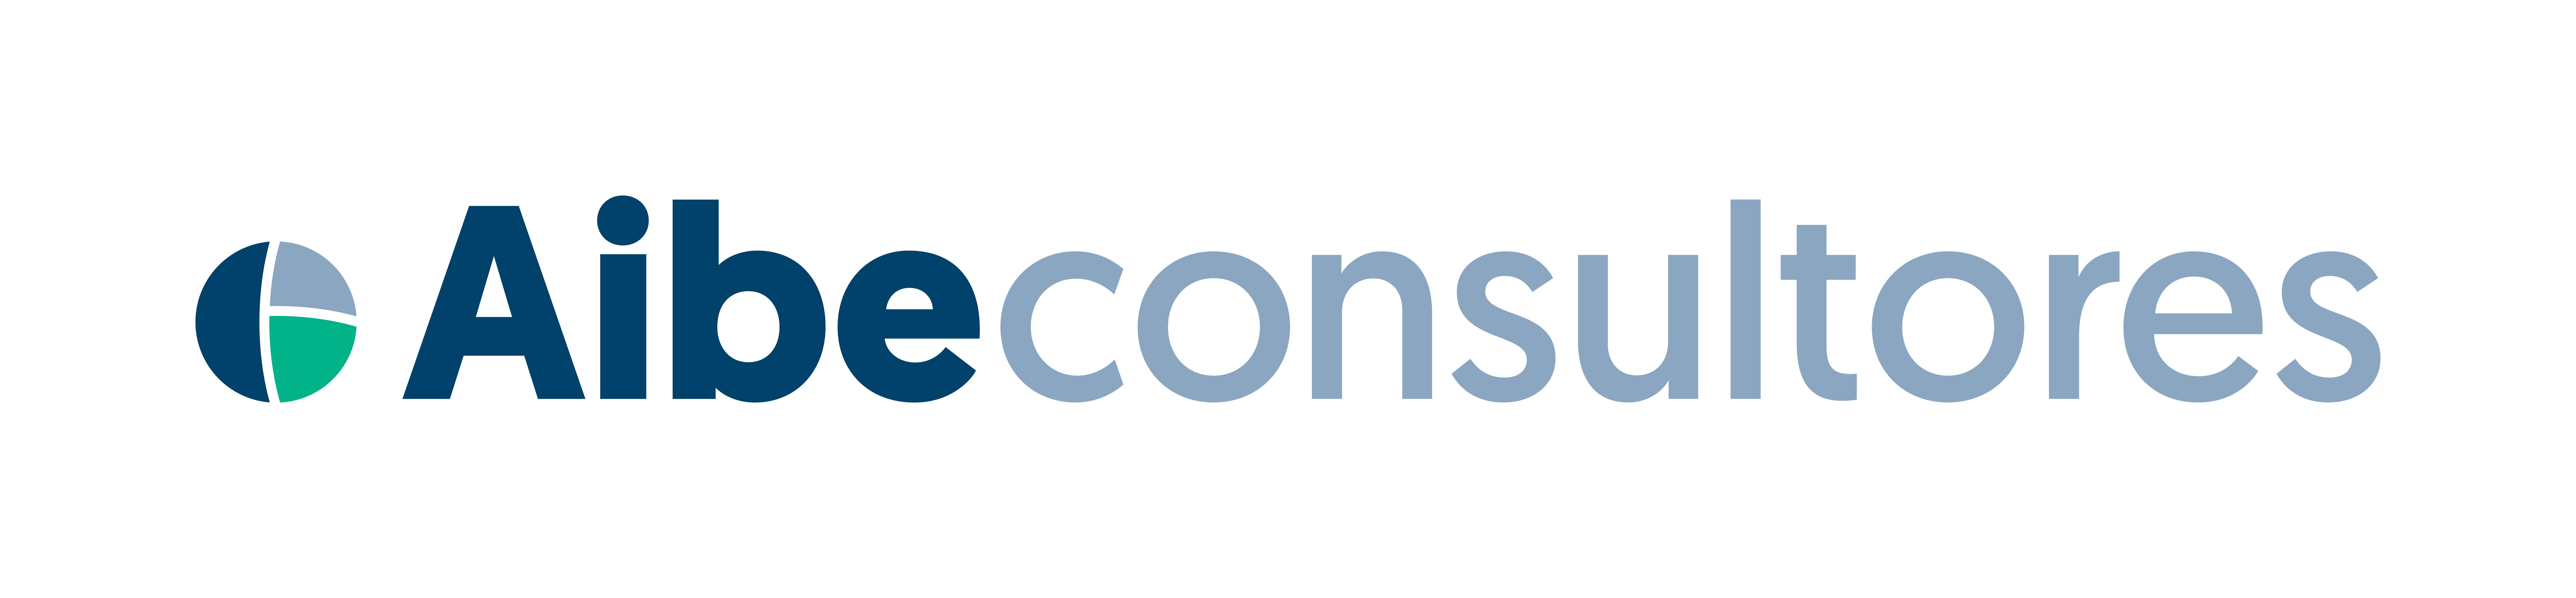 https://www.aibegroup.com/wp-content/uploads/2020/07/Logo-Aibeconsultores-RGB-Horizontal-Fondo-blanco.jpg